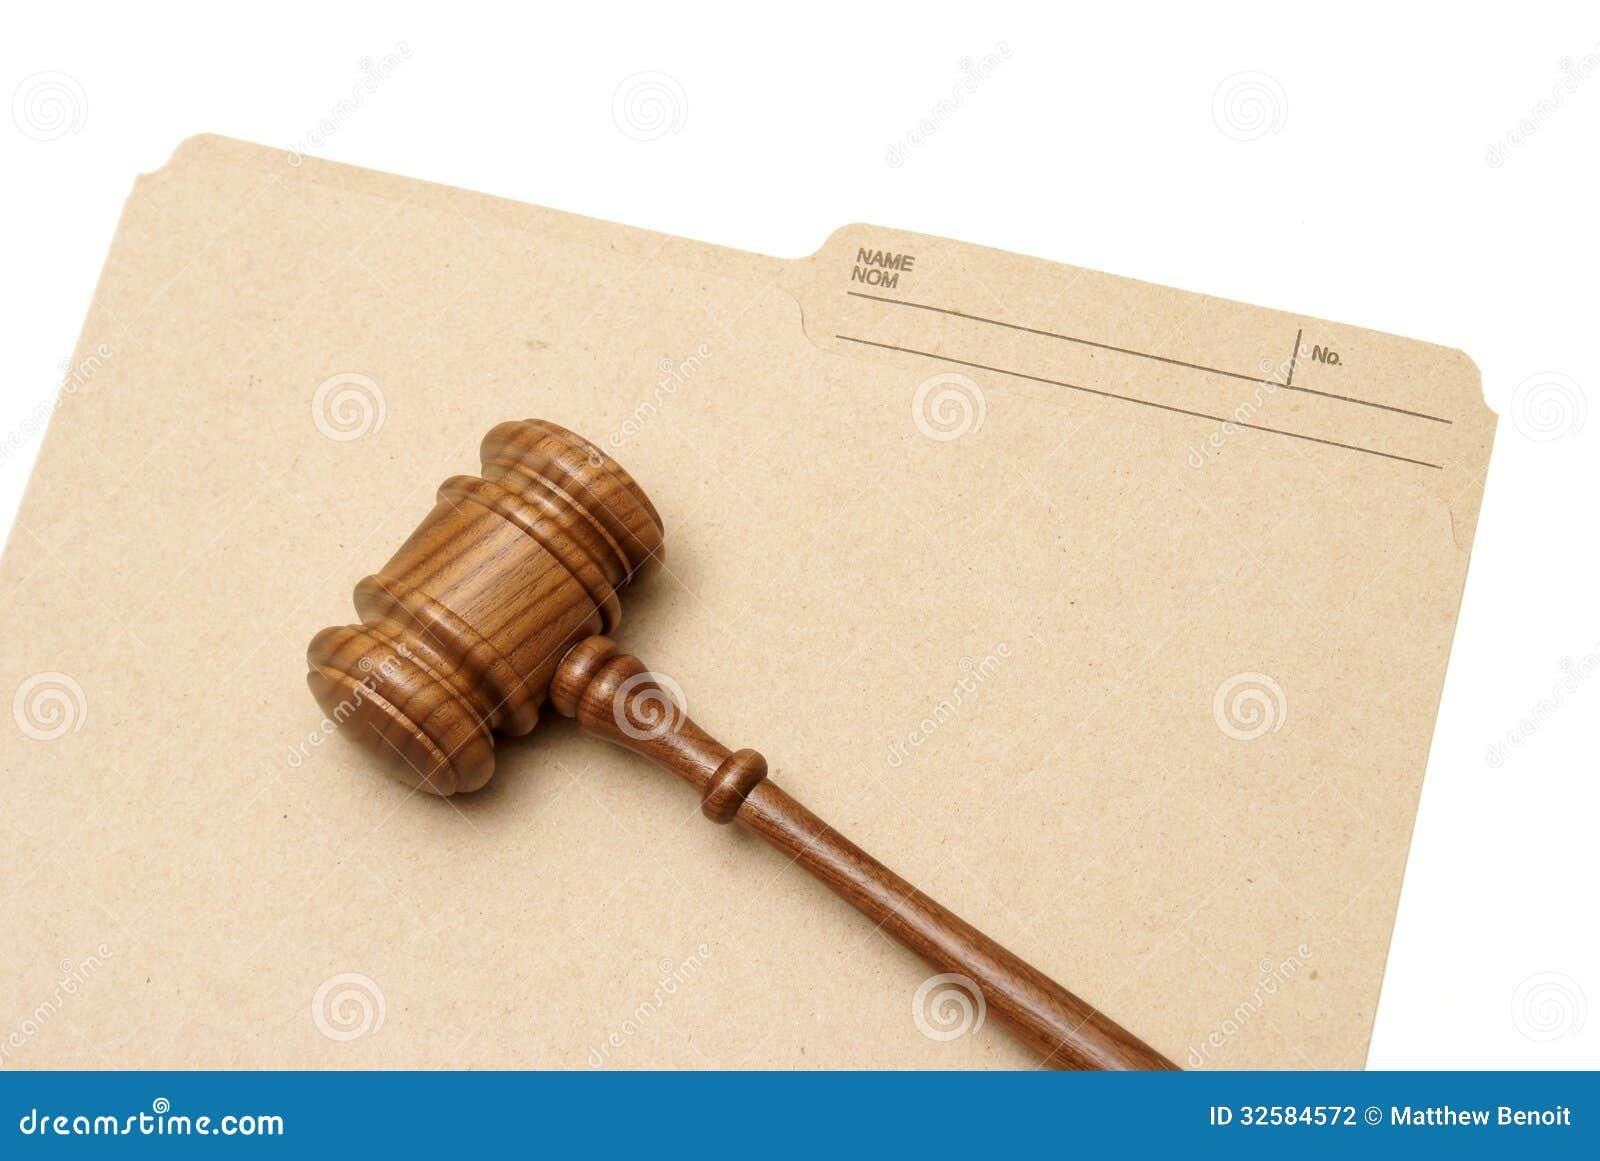 Carpeta legal